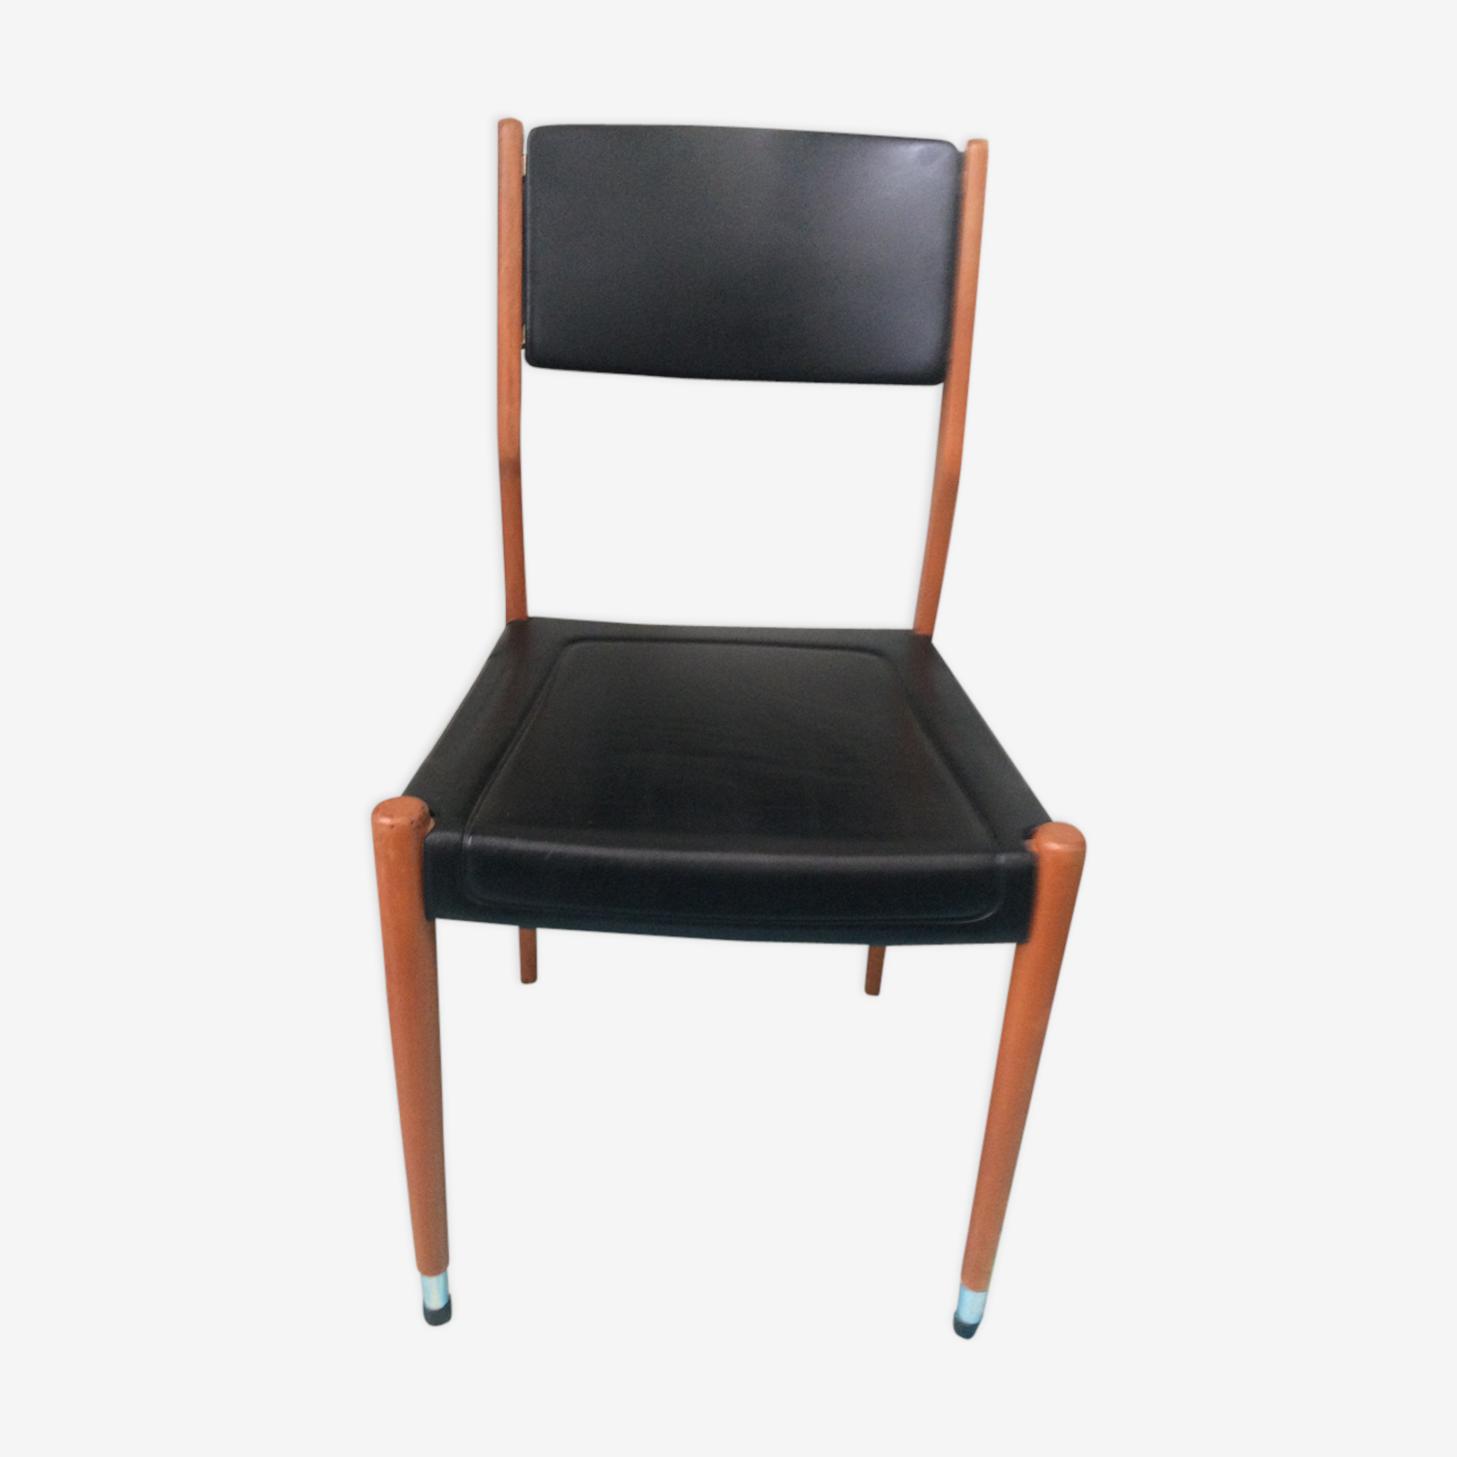 Chaise design scandinave en skai noir et bois clair vintage 1960